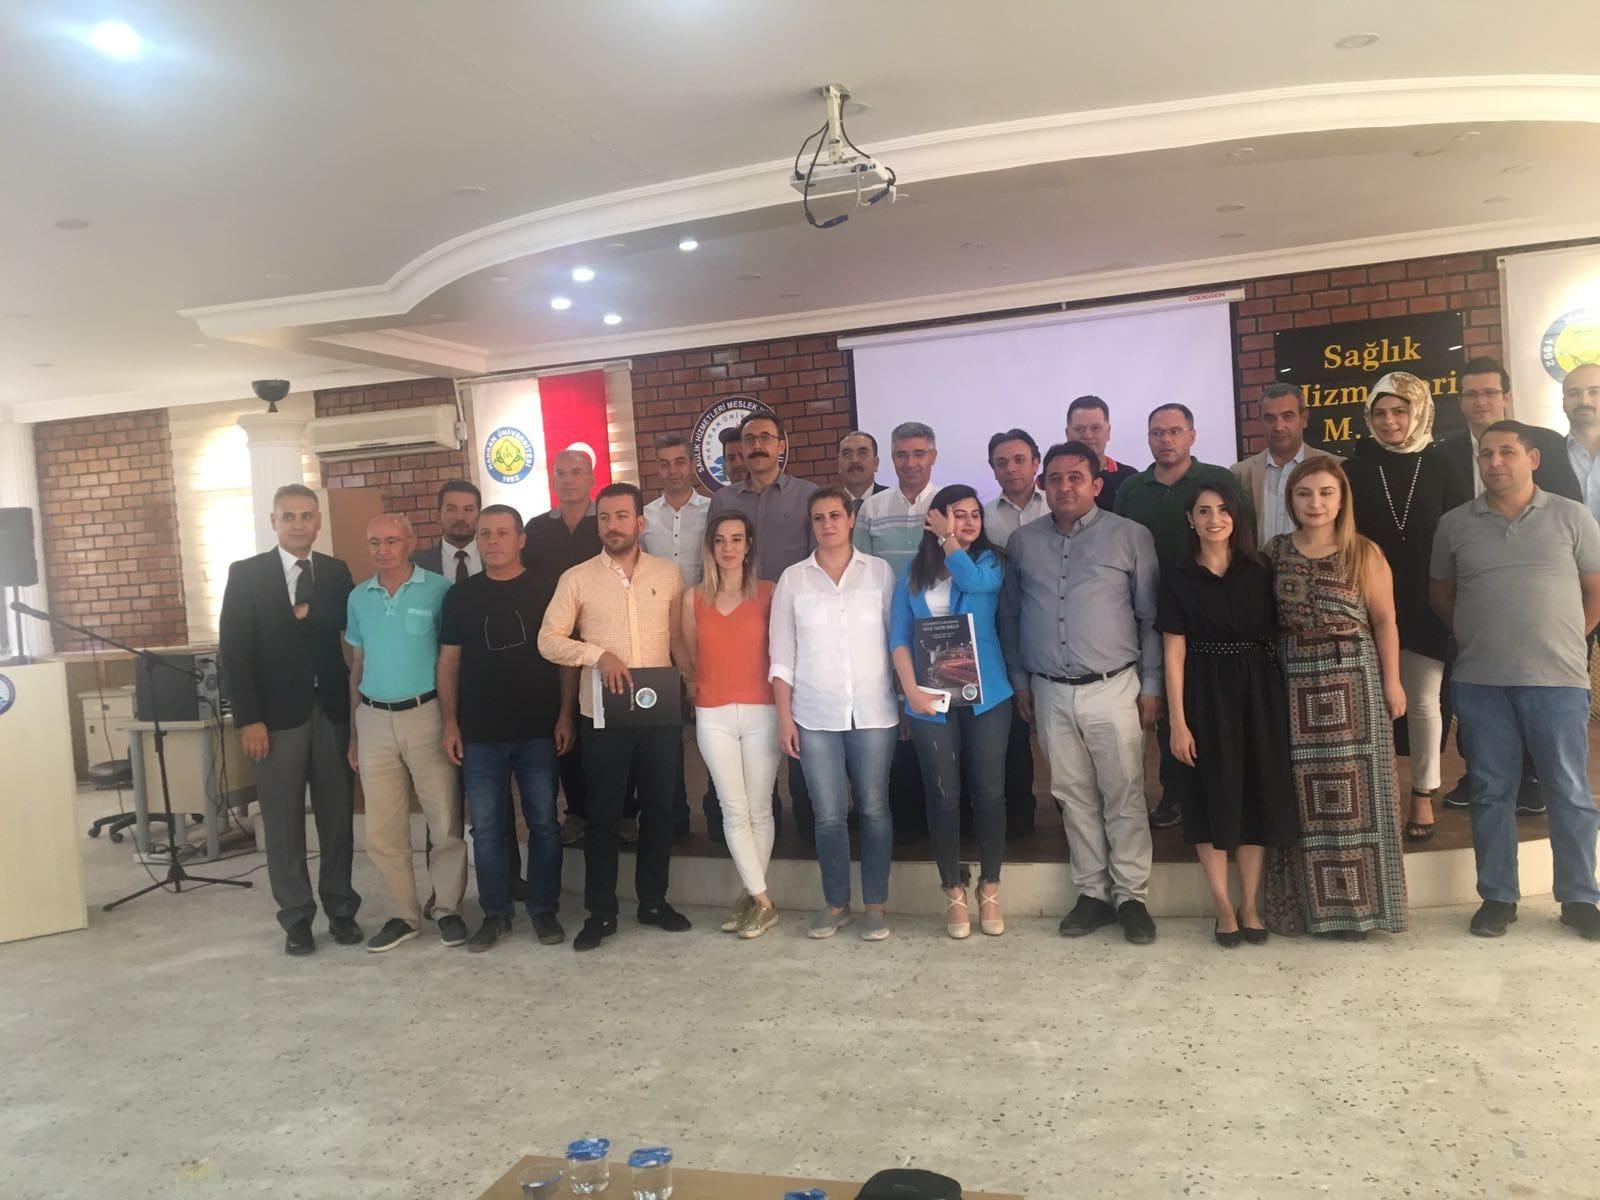 Uluslararası İslam Dünyası Sağlık Turizmi Konferansı Yapıldı